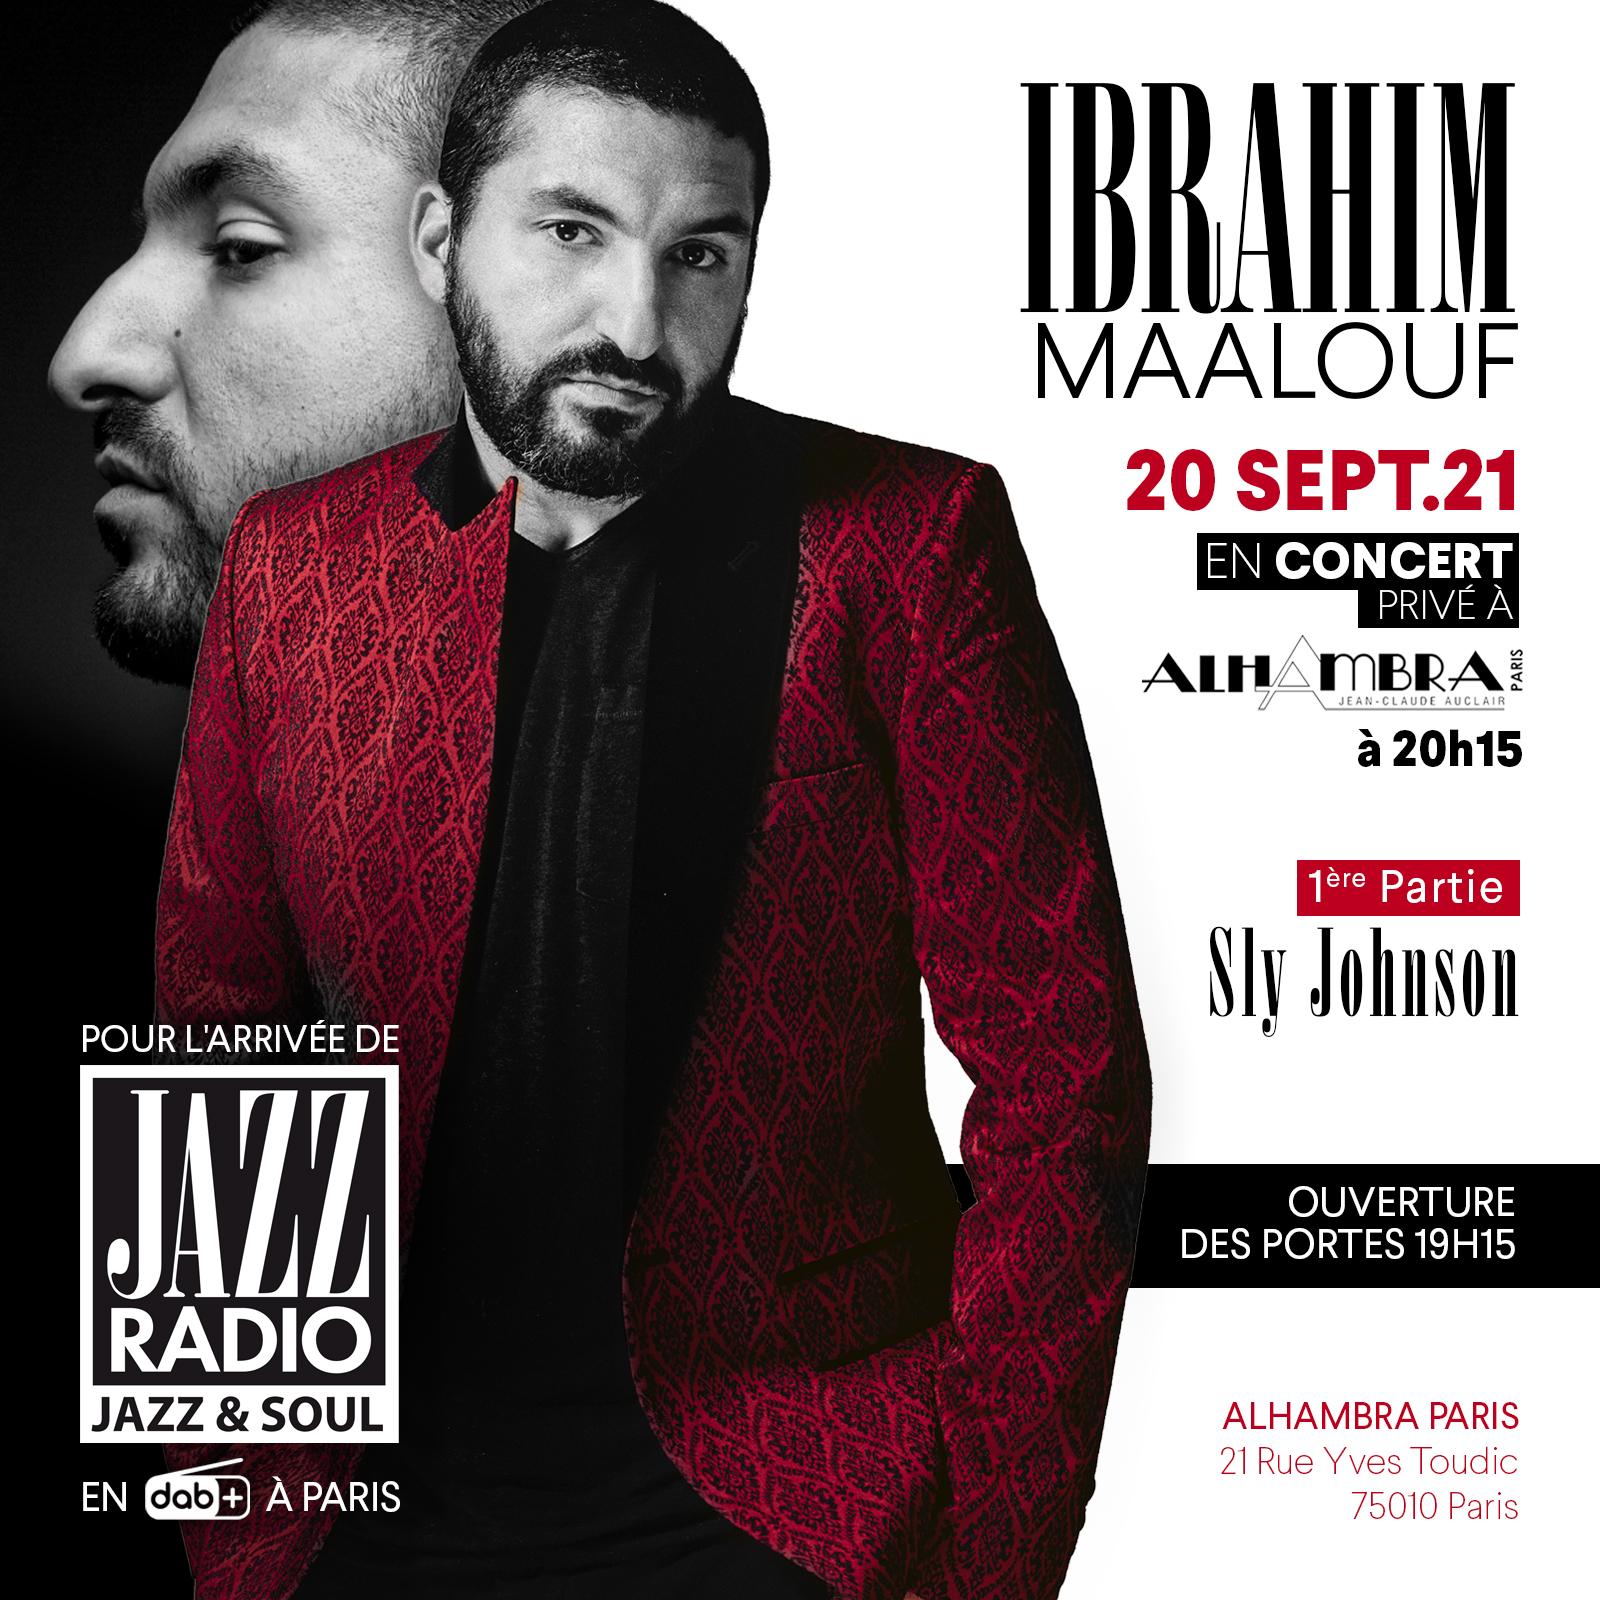 JAZZ Radio arrive à Paris et offre un concert privé